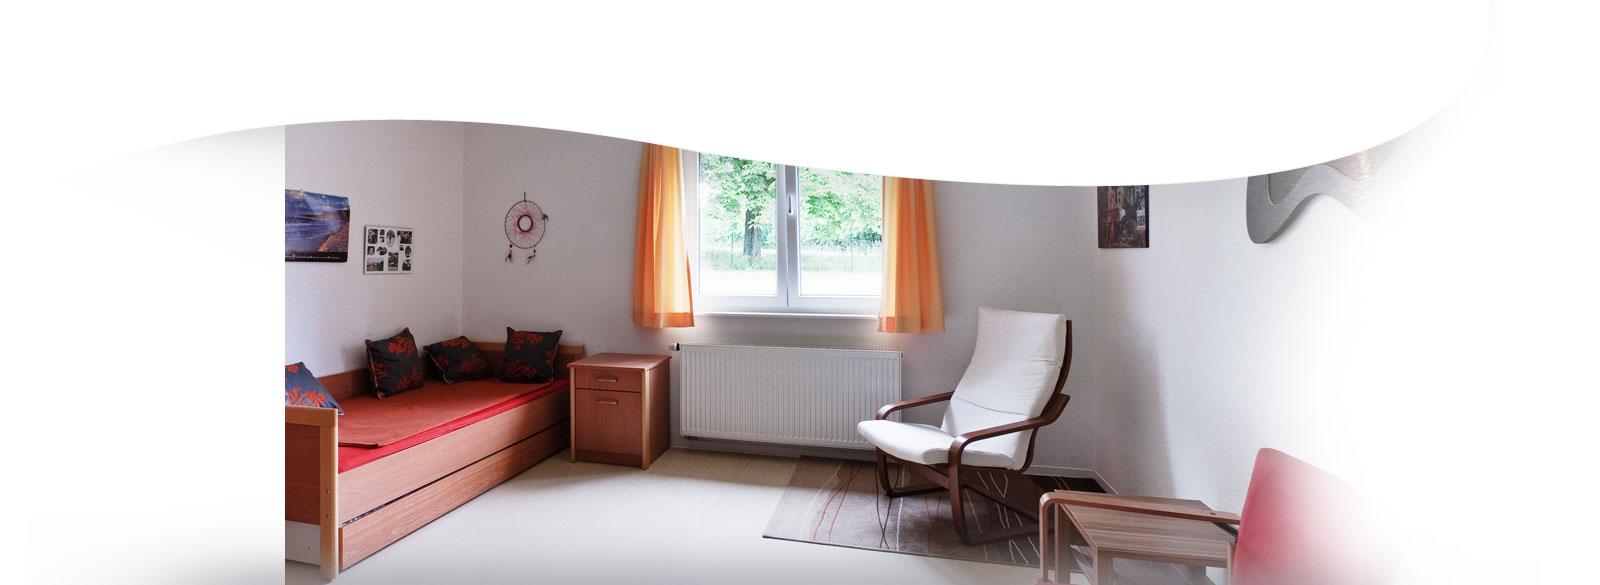 8. Headerbild Tanner Diakonie GmbH